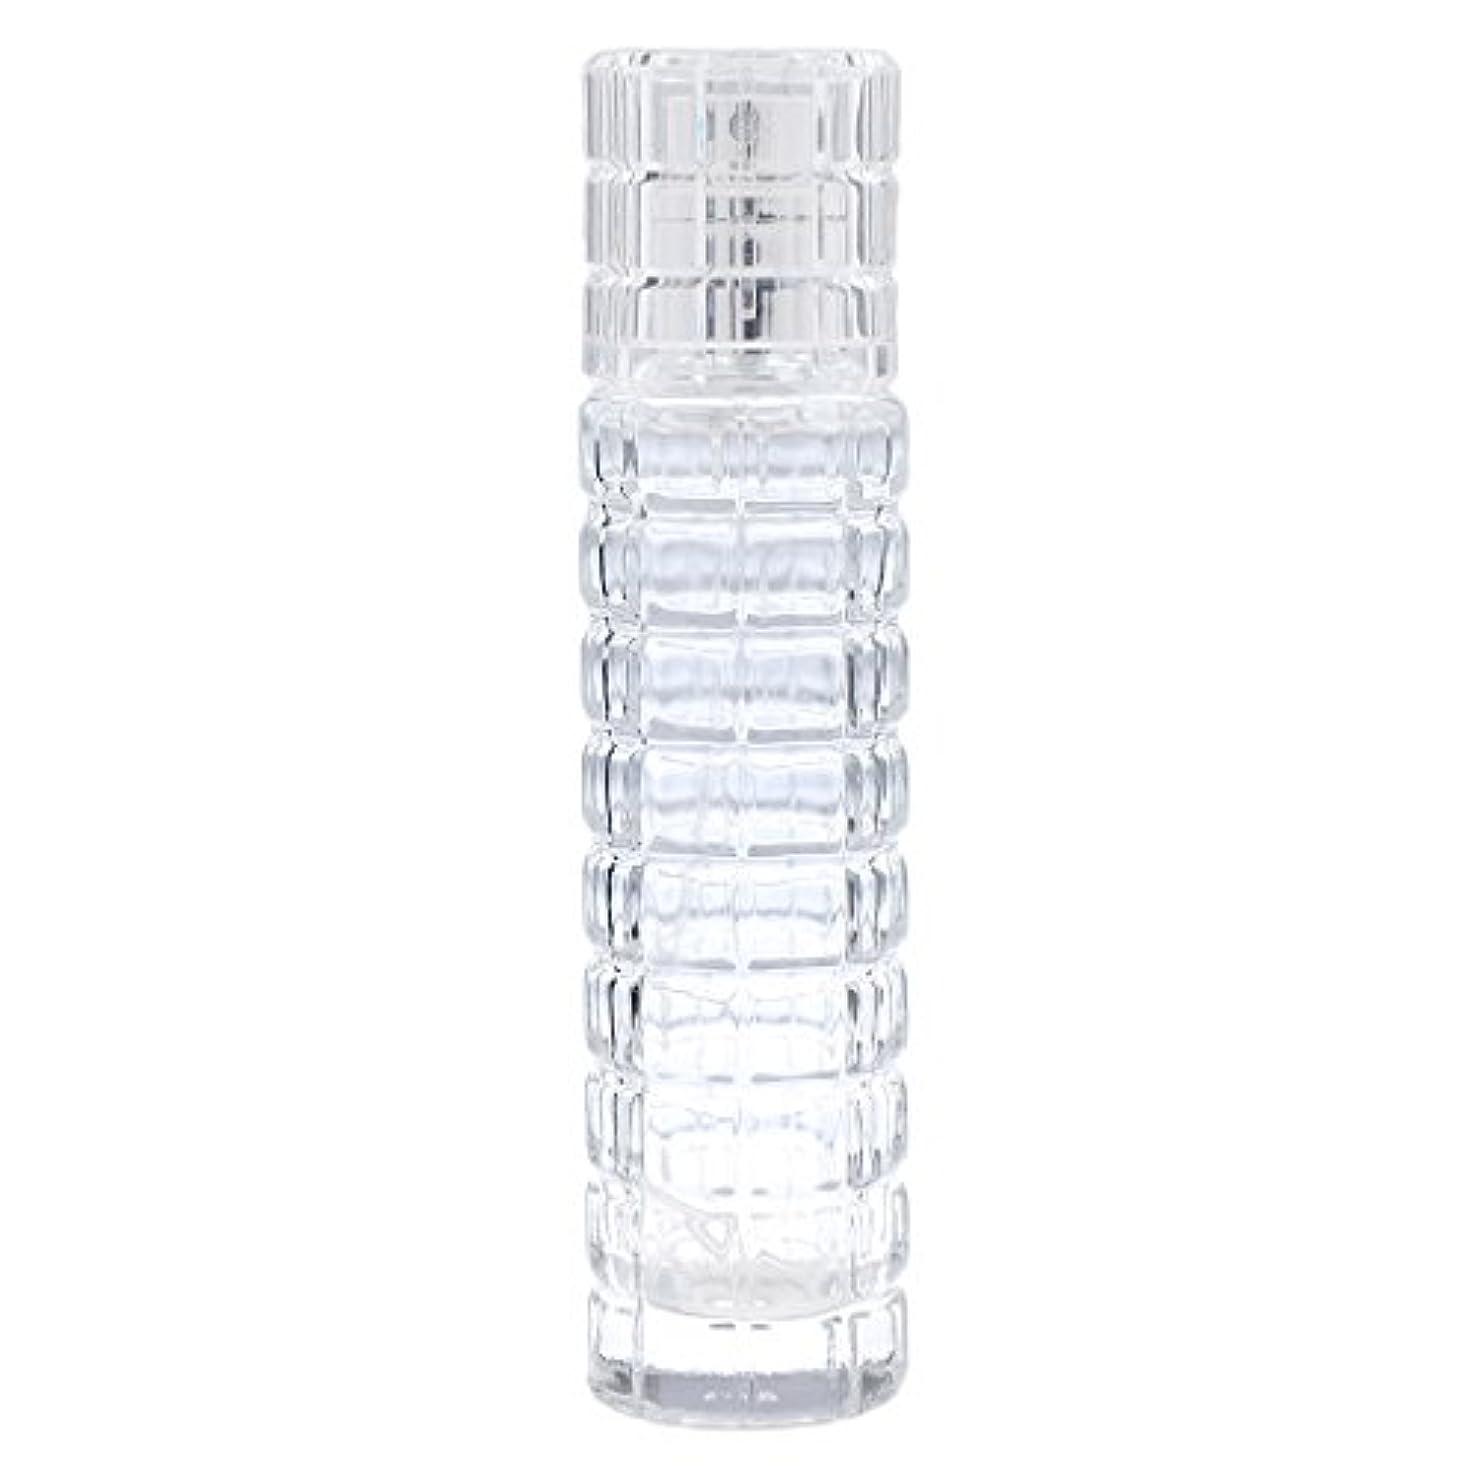 退院人気弾丸ミニ 詰め替え可能 耐久性 ガラス 空 香水瓶 旅行 香水 スプレーボトル アトマイザー 30ml クリア